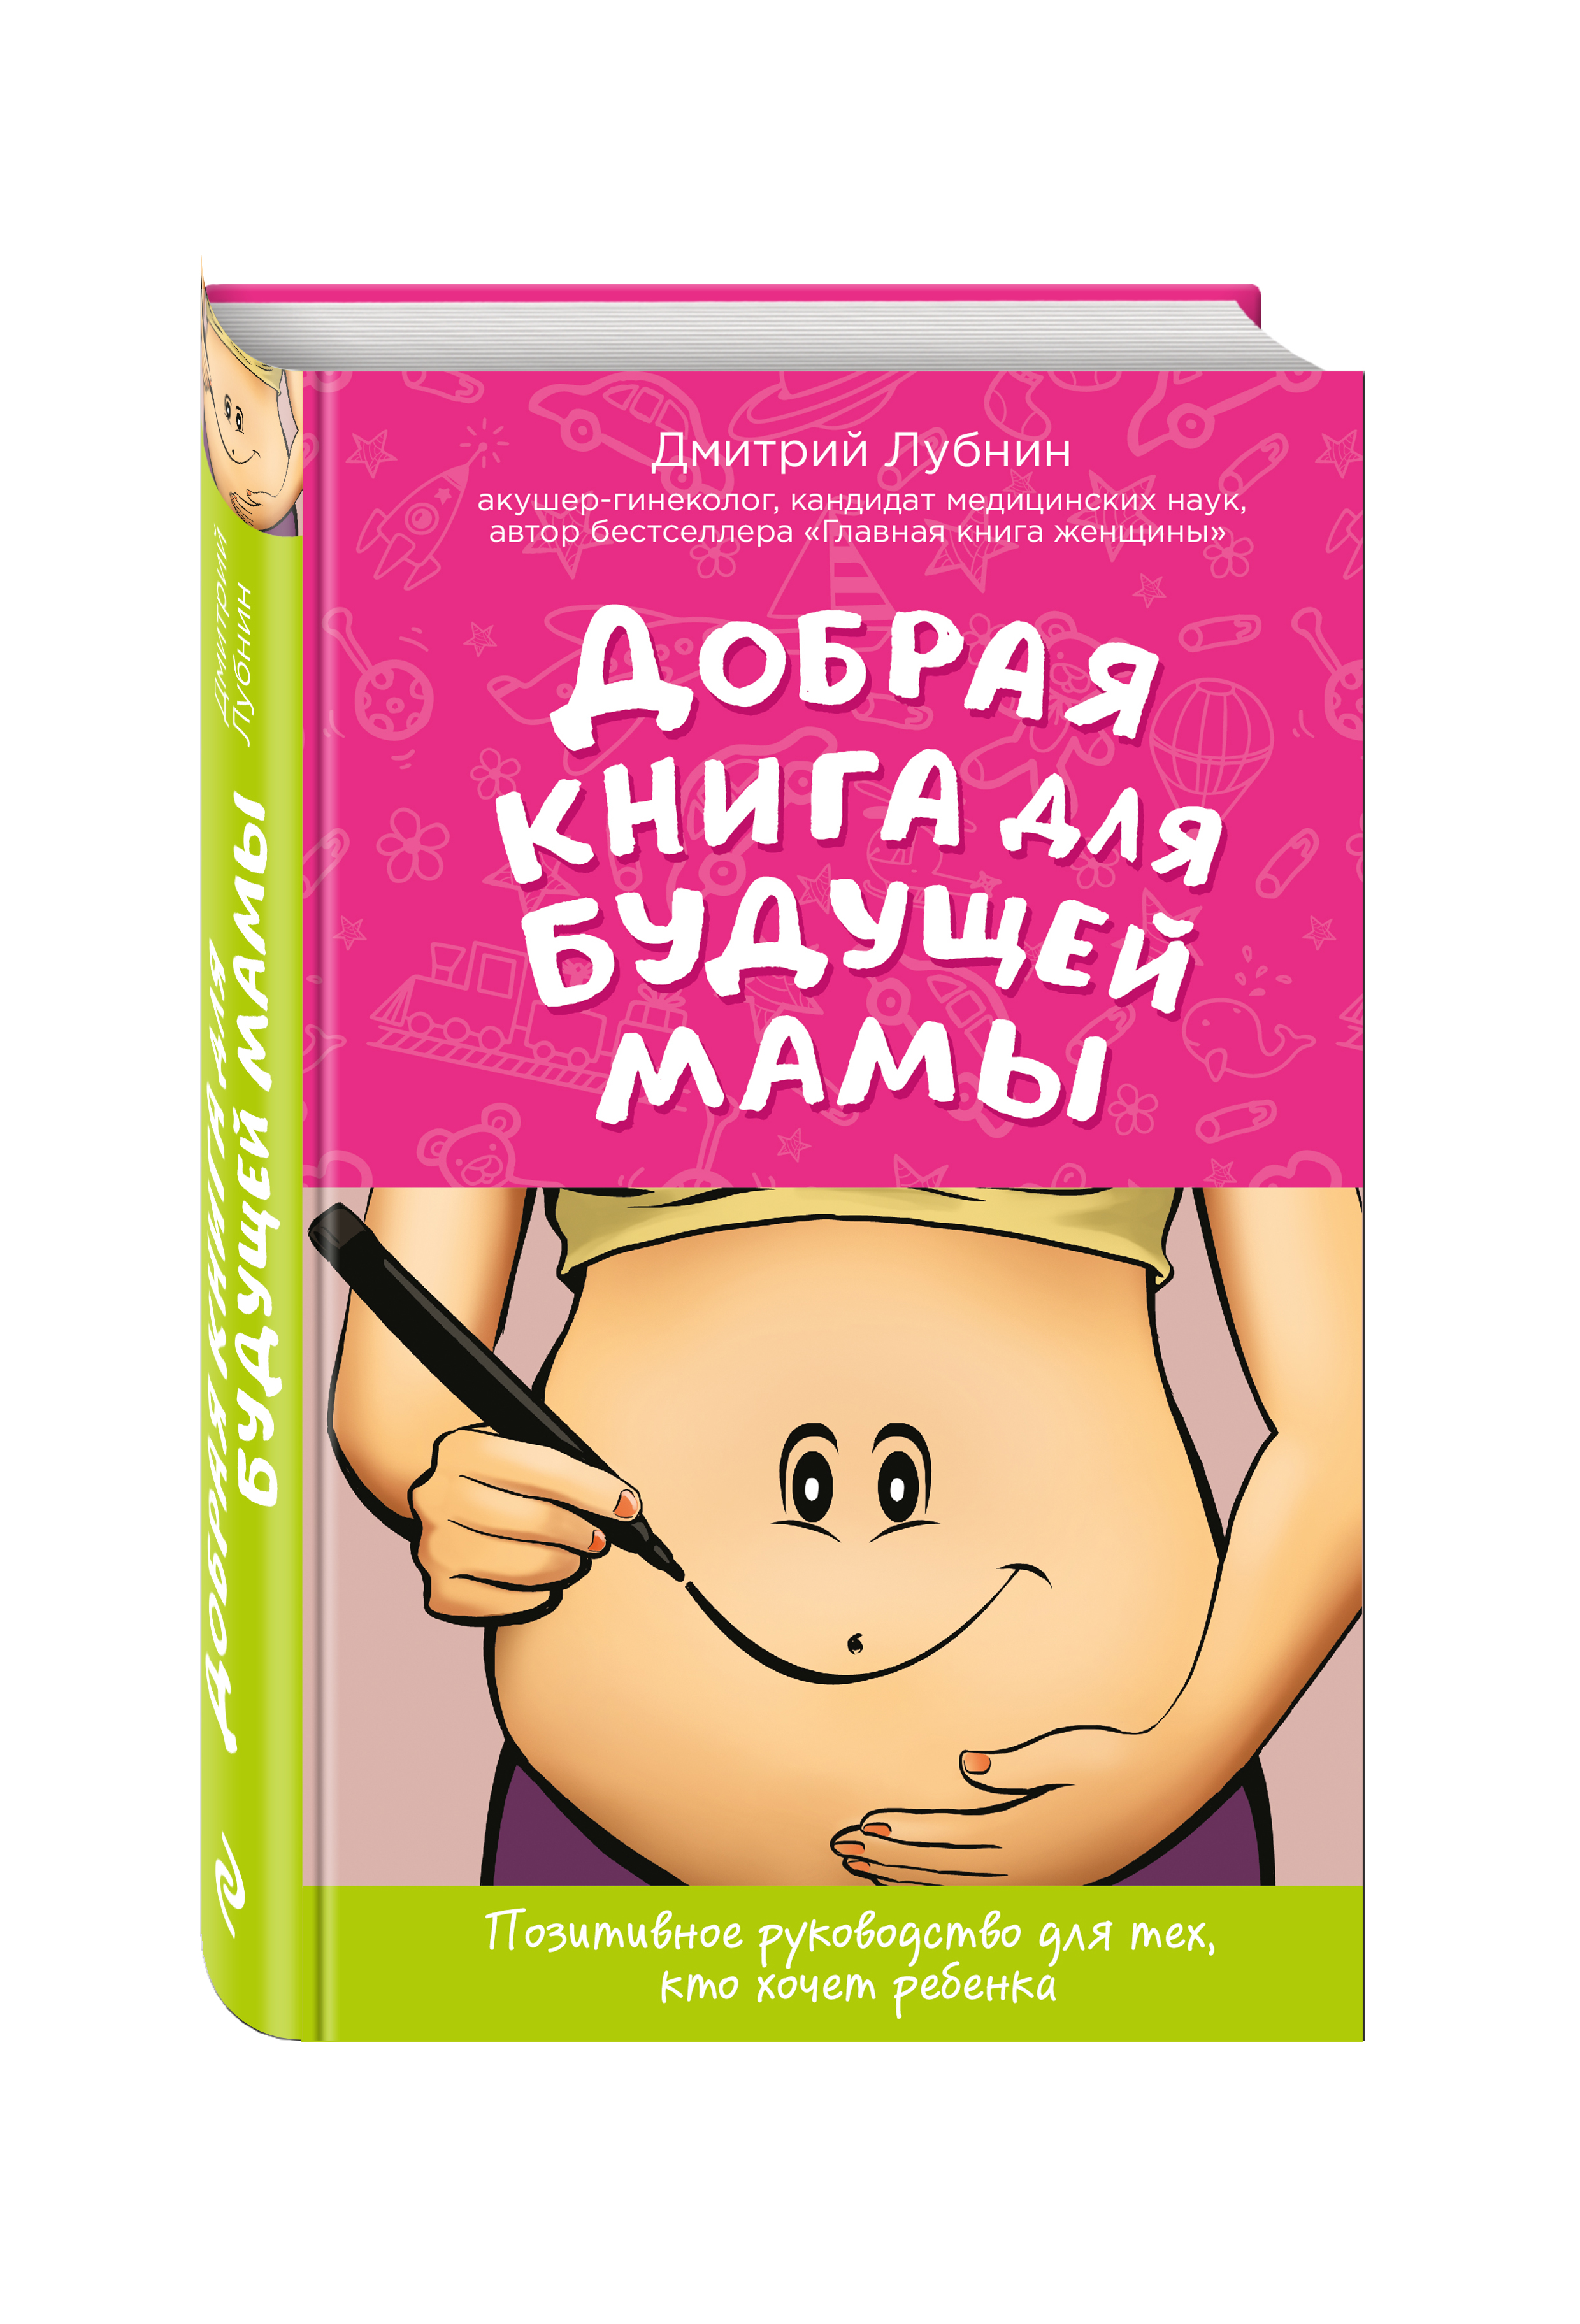 Лубнин Д.М. Добрая книга для будущей мамы. Позитивное руководство для тех, кто хочет ребенка лубнин д м добрая книга для будущей мамы позитивное руководство для тех кто хочет ребенка